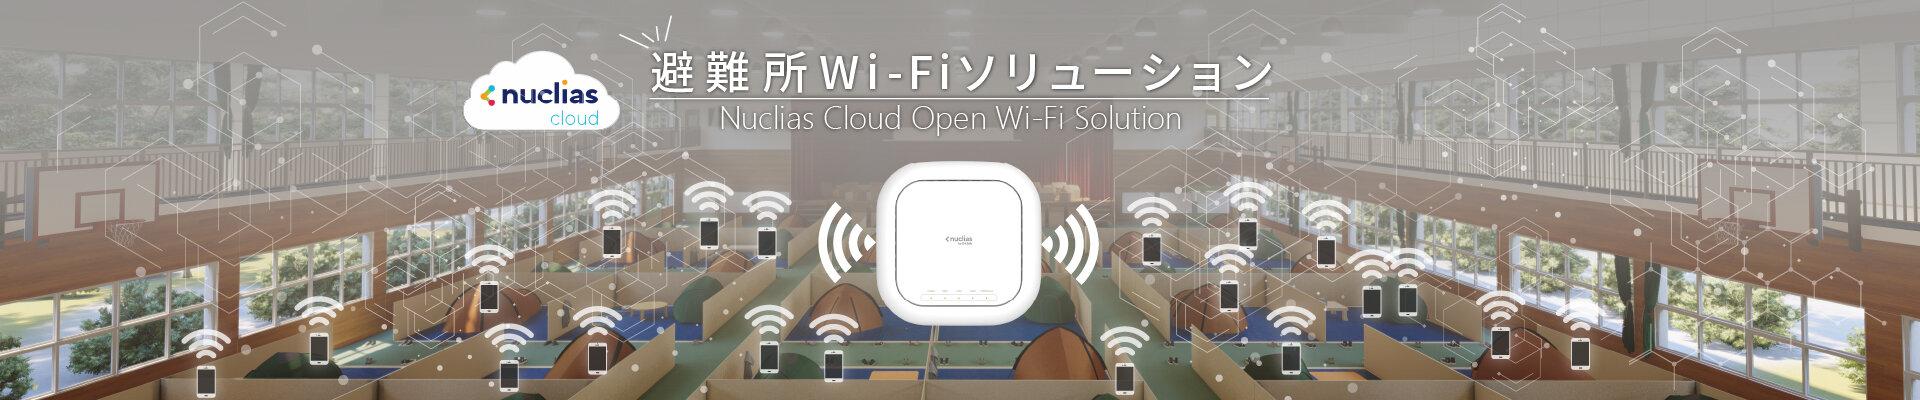 D-Linkのクラウド統合管理型ネットワークプラットフォームを活用した避難所Wi-Fiソリューションをご紹介します。